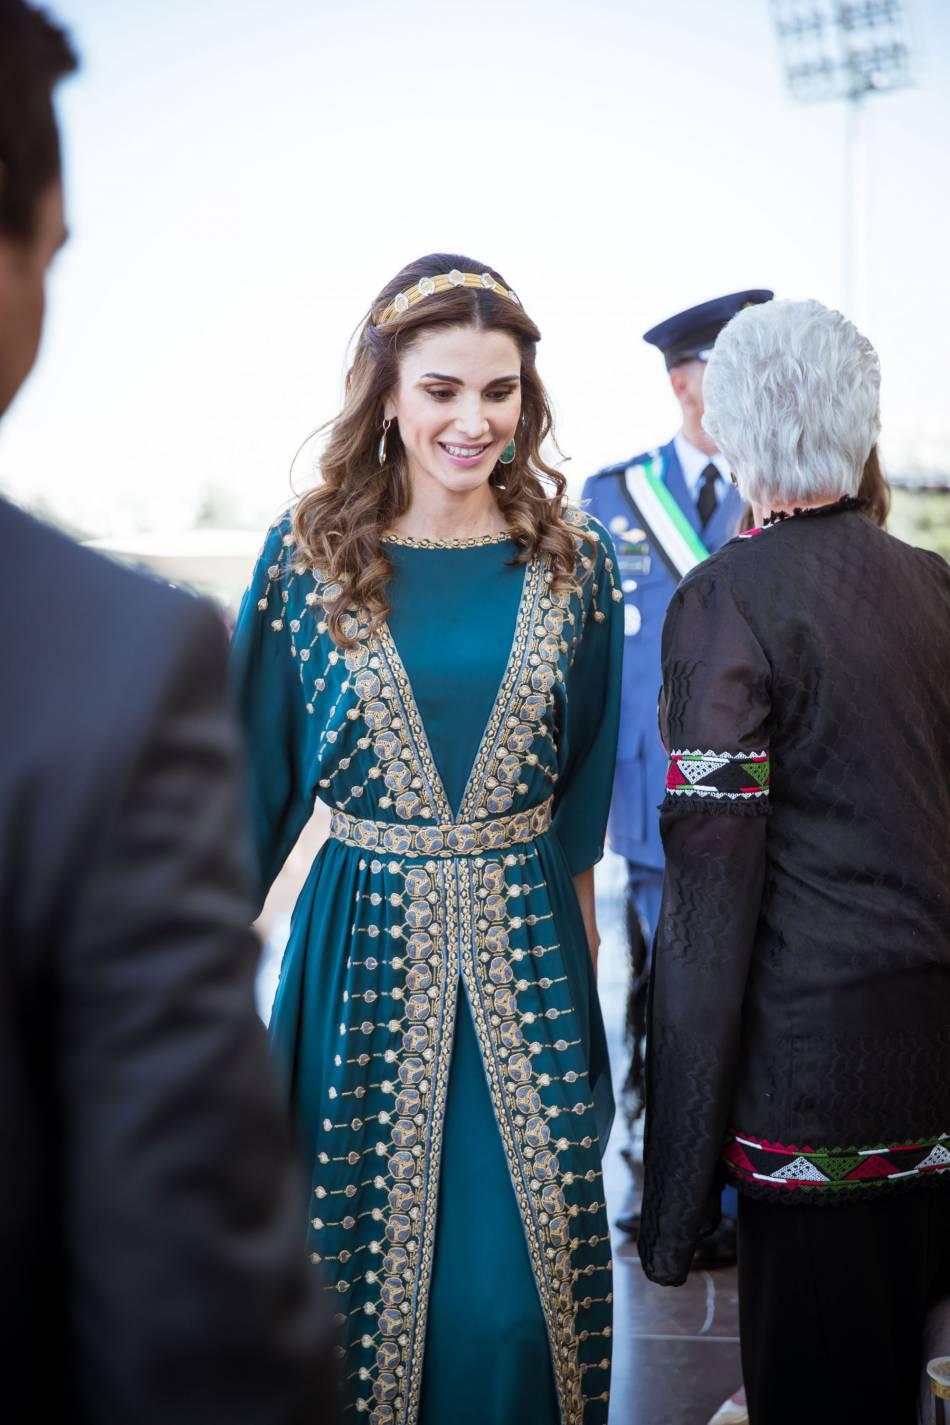 Rania de jordanie soleil d 39 orient dans sa sublime robe for Rosier princesse d orient